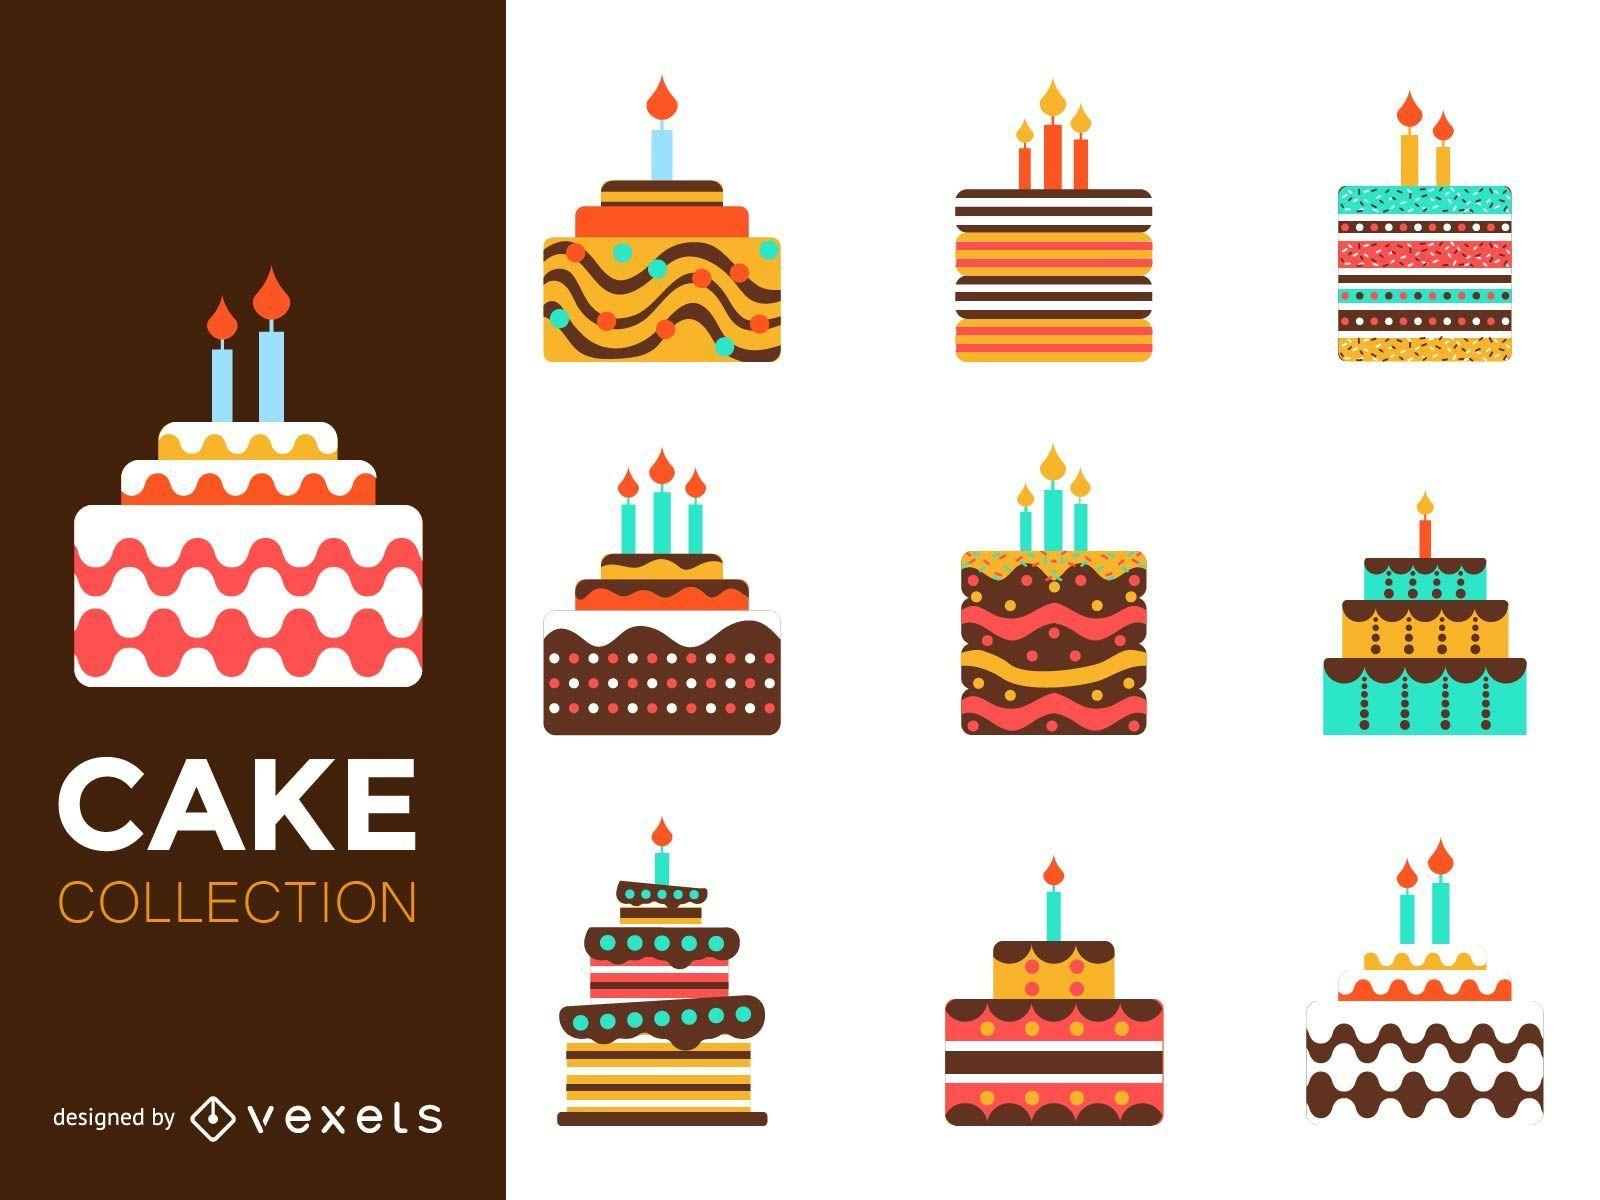 Flat colorful cake illustration set